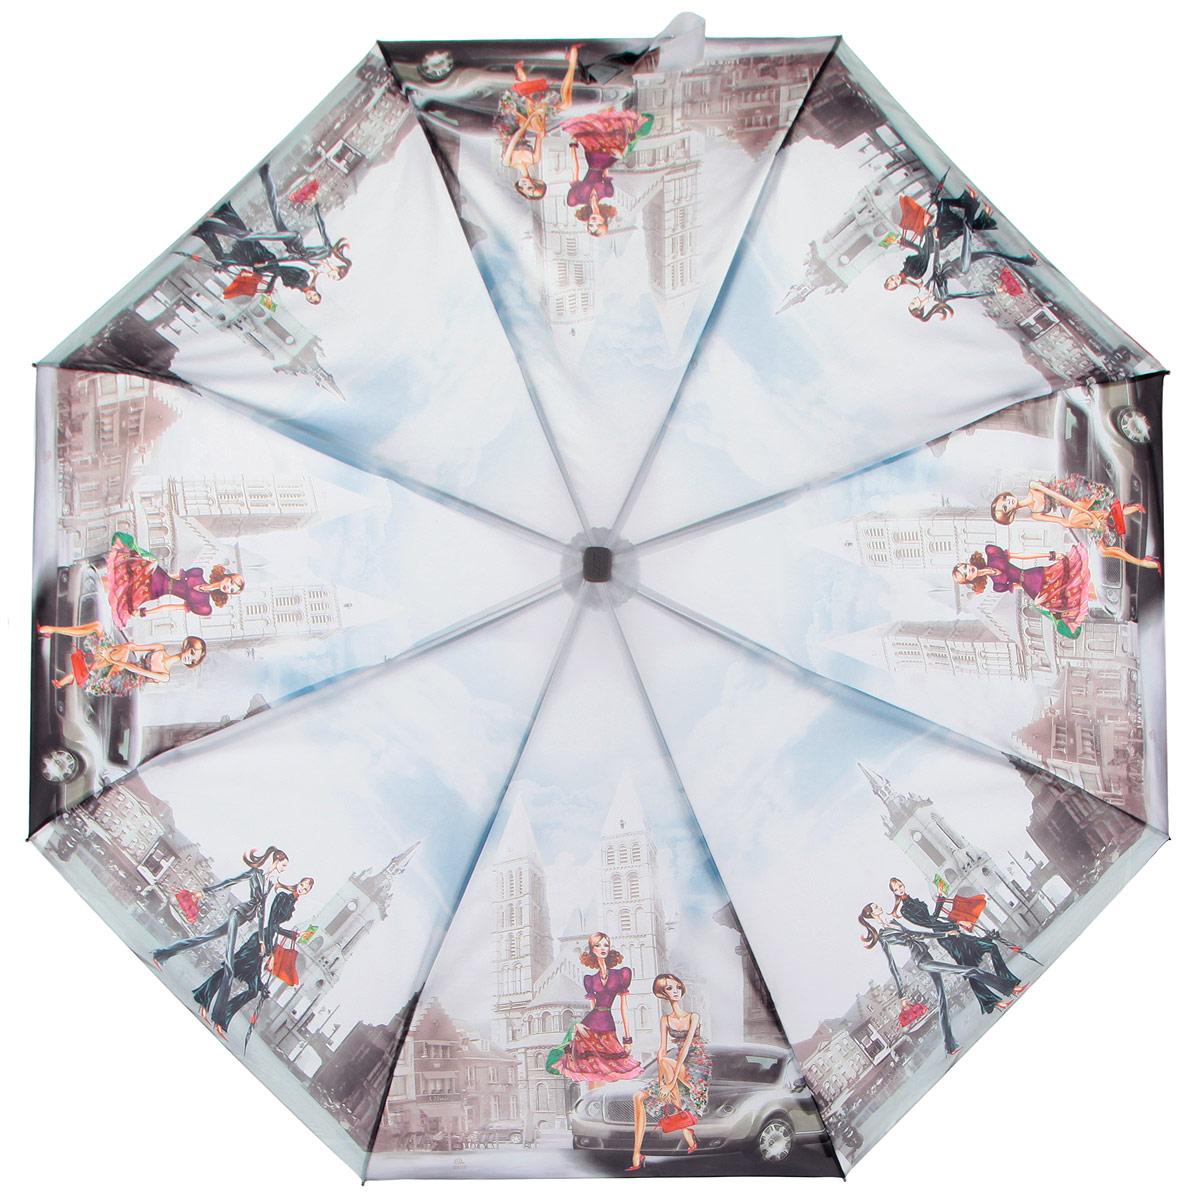 Зонт женский Zest, цвет: голубой, серый, мультицвет. 23815-91058L035081M/35449/2900NКомпактный женский зонт ZEST выполнен из металла, пластика и оформлен ярким принтом.Каркас зонта выполнен из восьми спиц, стержень из стали. На концах спиц предусмотрены металлические элементы, которые защитят владельца от травм. Купол зонта изготовлен прочного полиэстера. Закрытый купол застегивается на липучку хлястиком. Практичная рукоятка закругленной формы разработана с учетом требований эргономики и выполнена из пластика.Зонт полностью автоматический.Такой зонт не только надежно защитит от дождя, но и станет стильным аксессуаром.